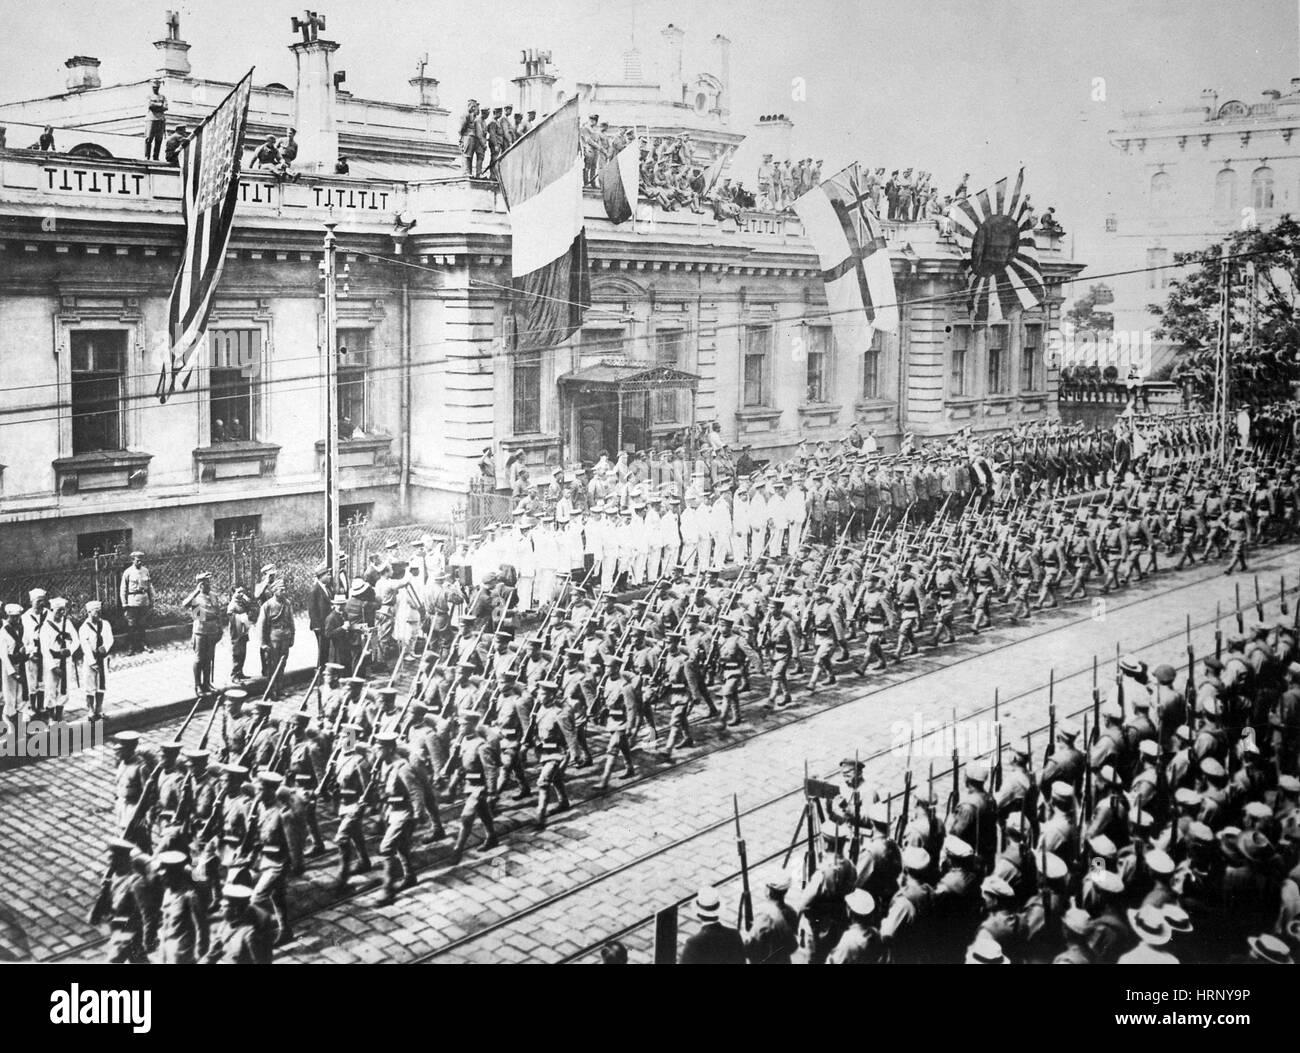 Russische Revolution, Alliierte Intervention, 1918 Stockbild